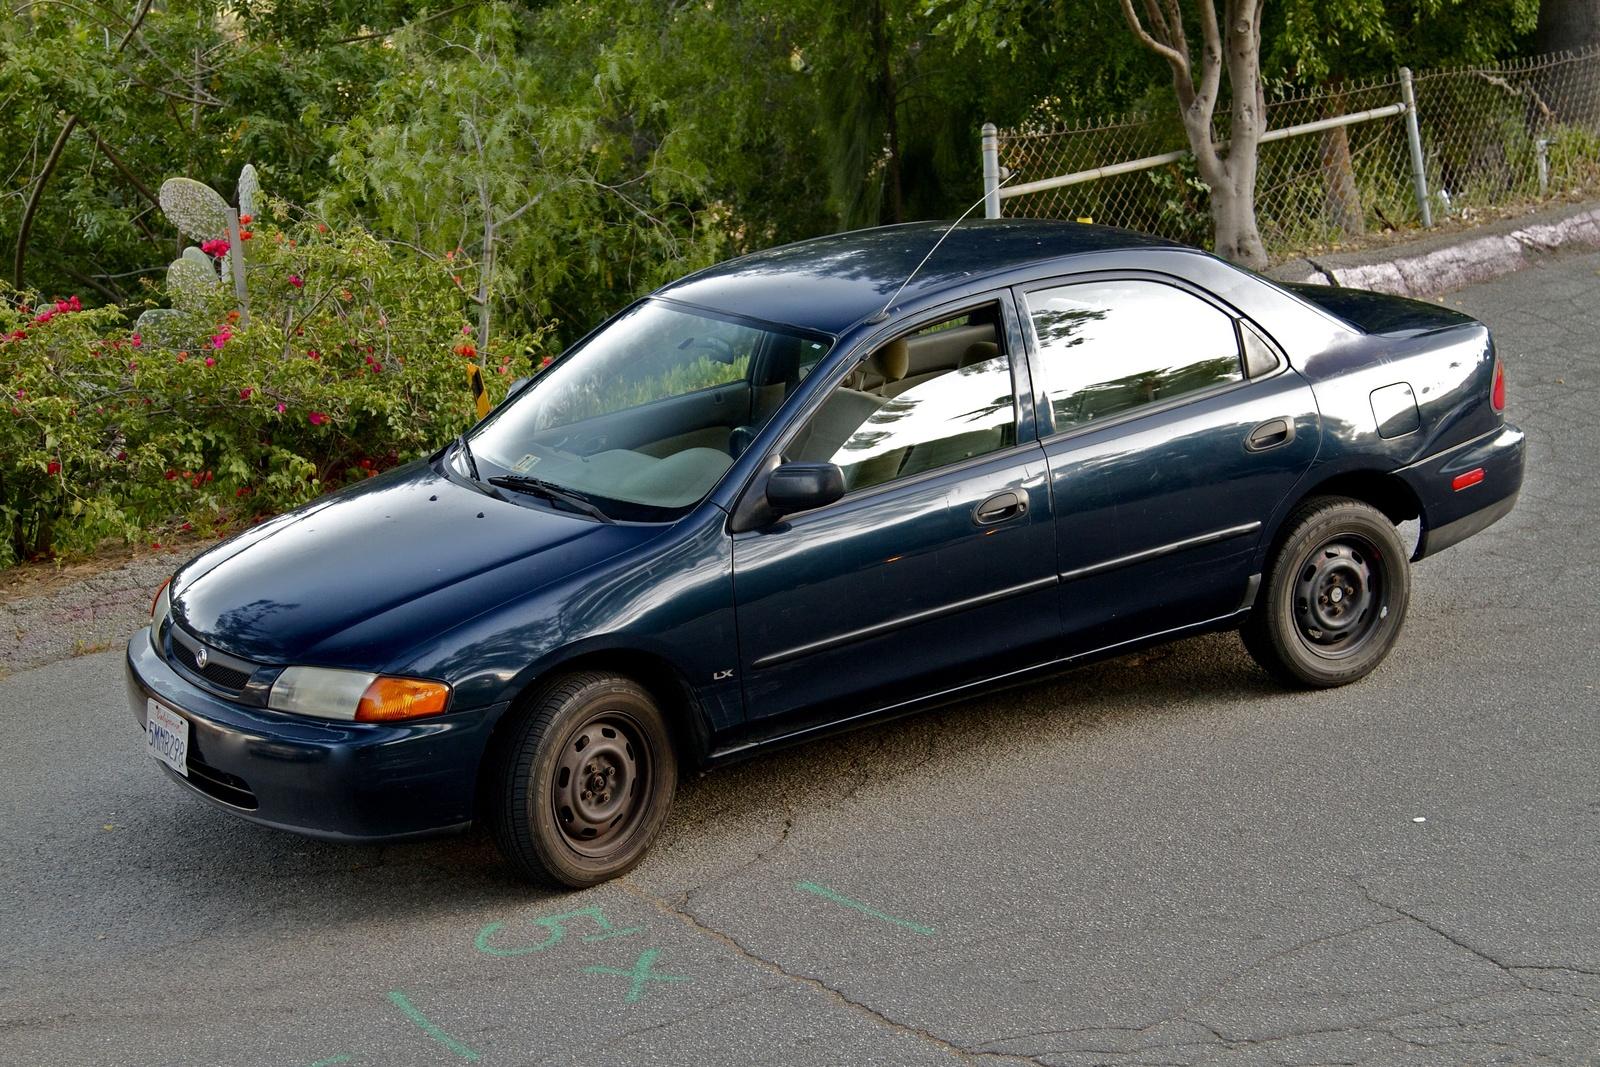 1997 Mazda Protege #2 Mazda Protege #2